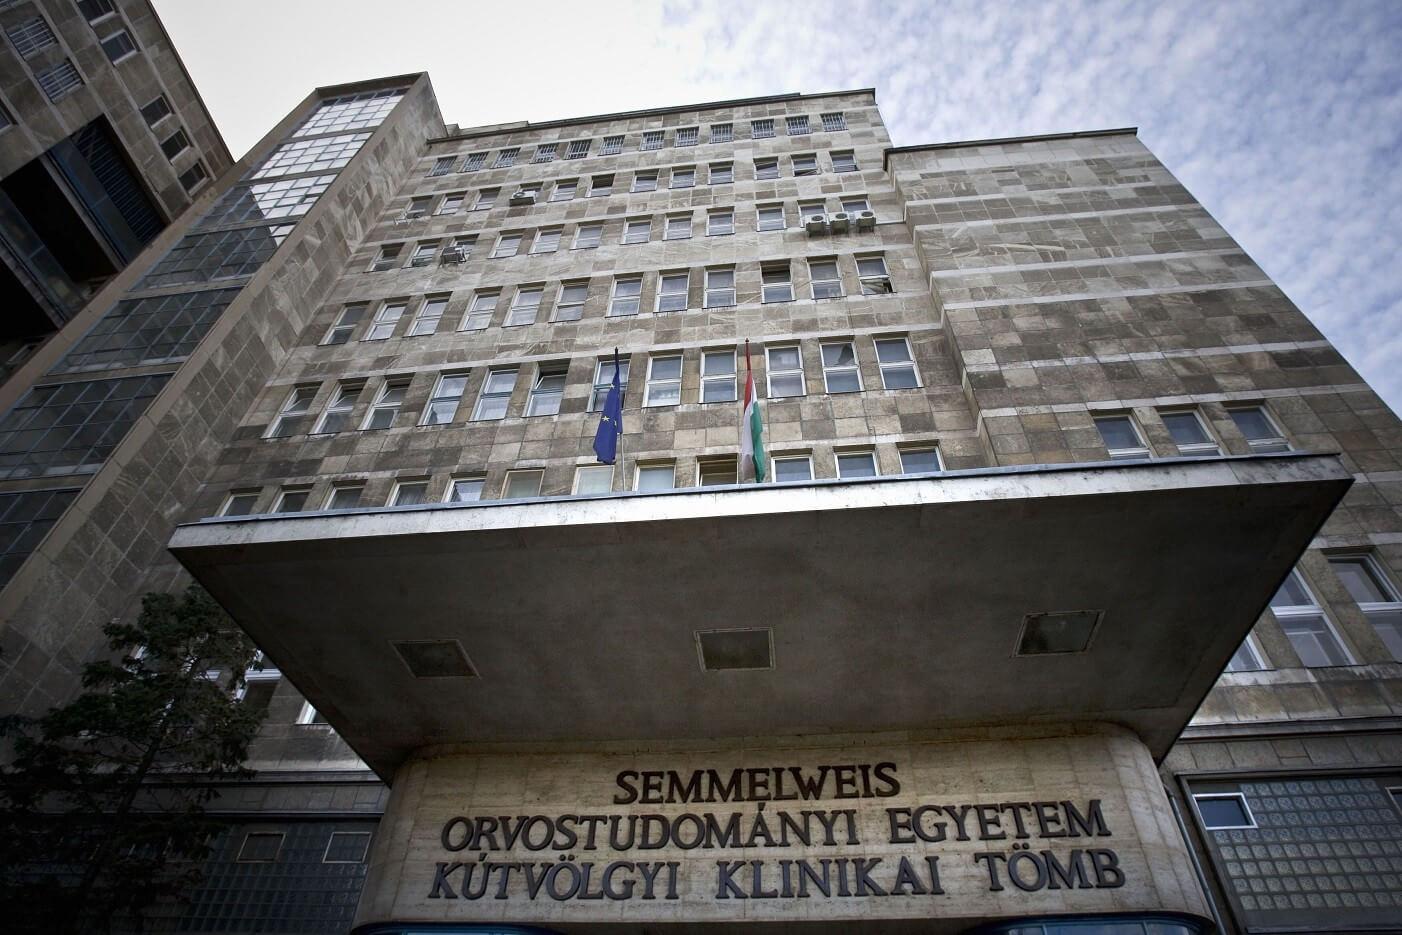 Átfogó energetikai felújítás indul a Semmelweis Egyetem épületein